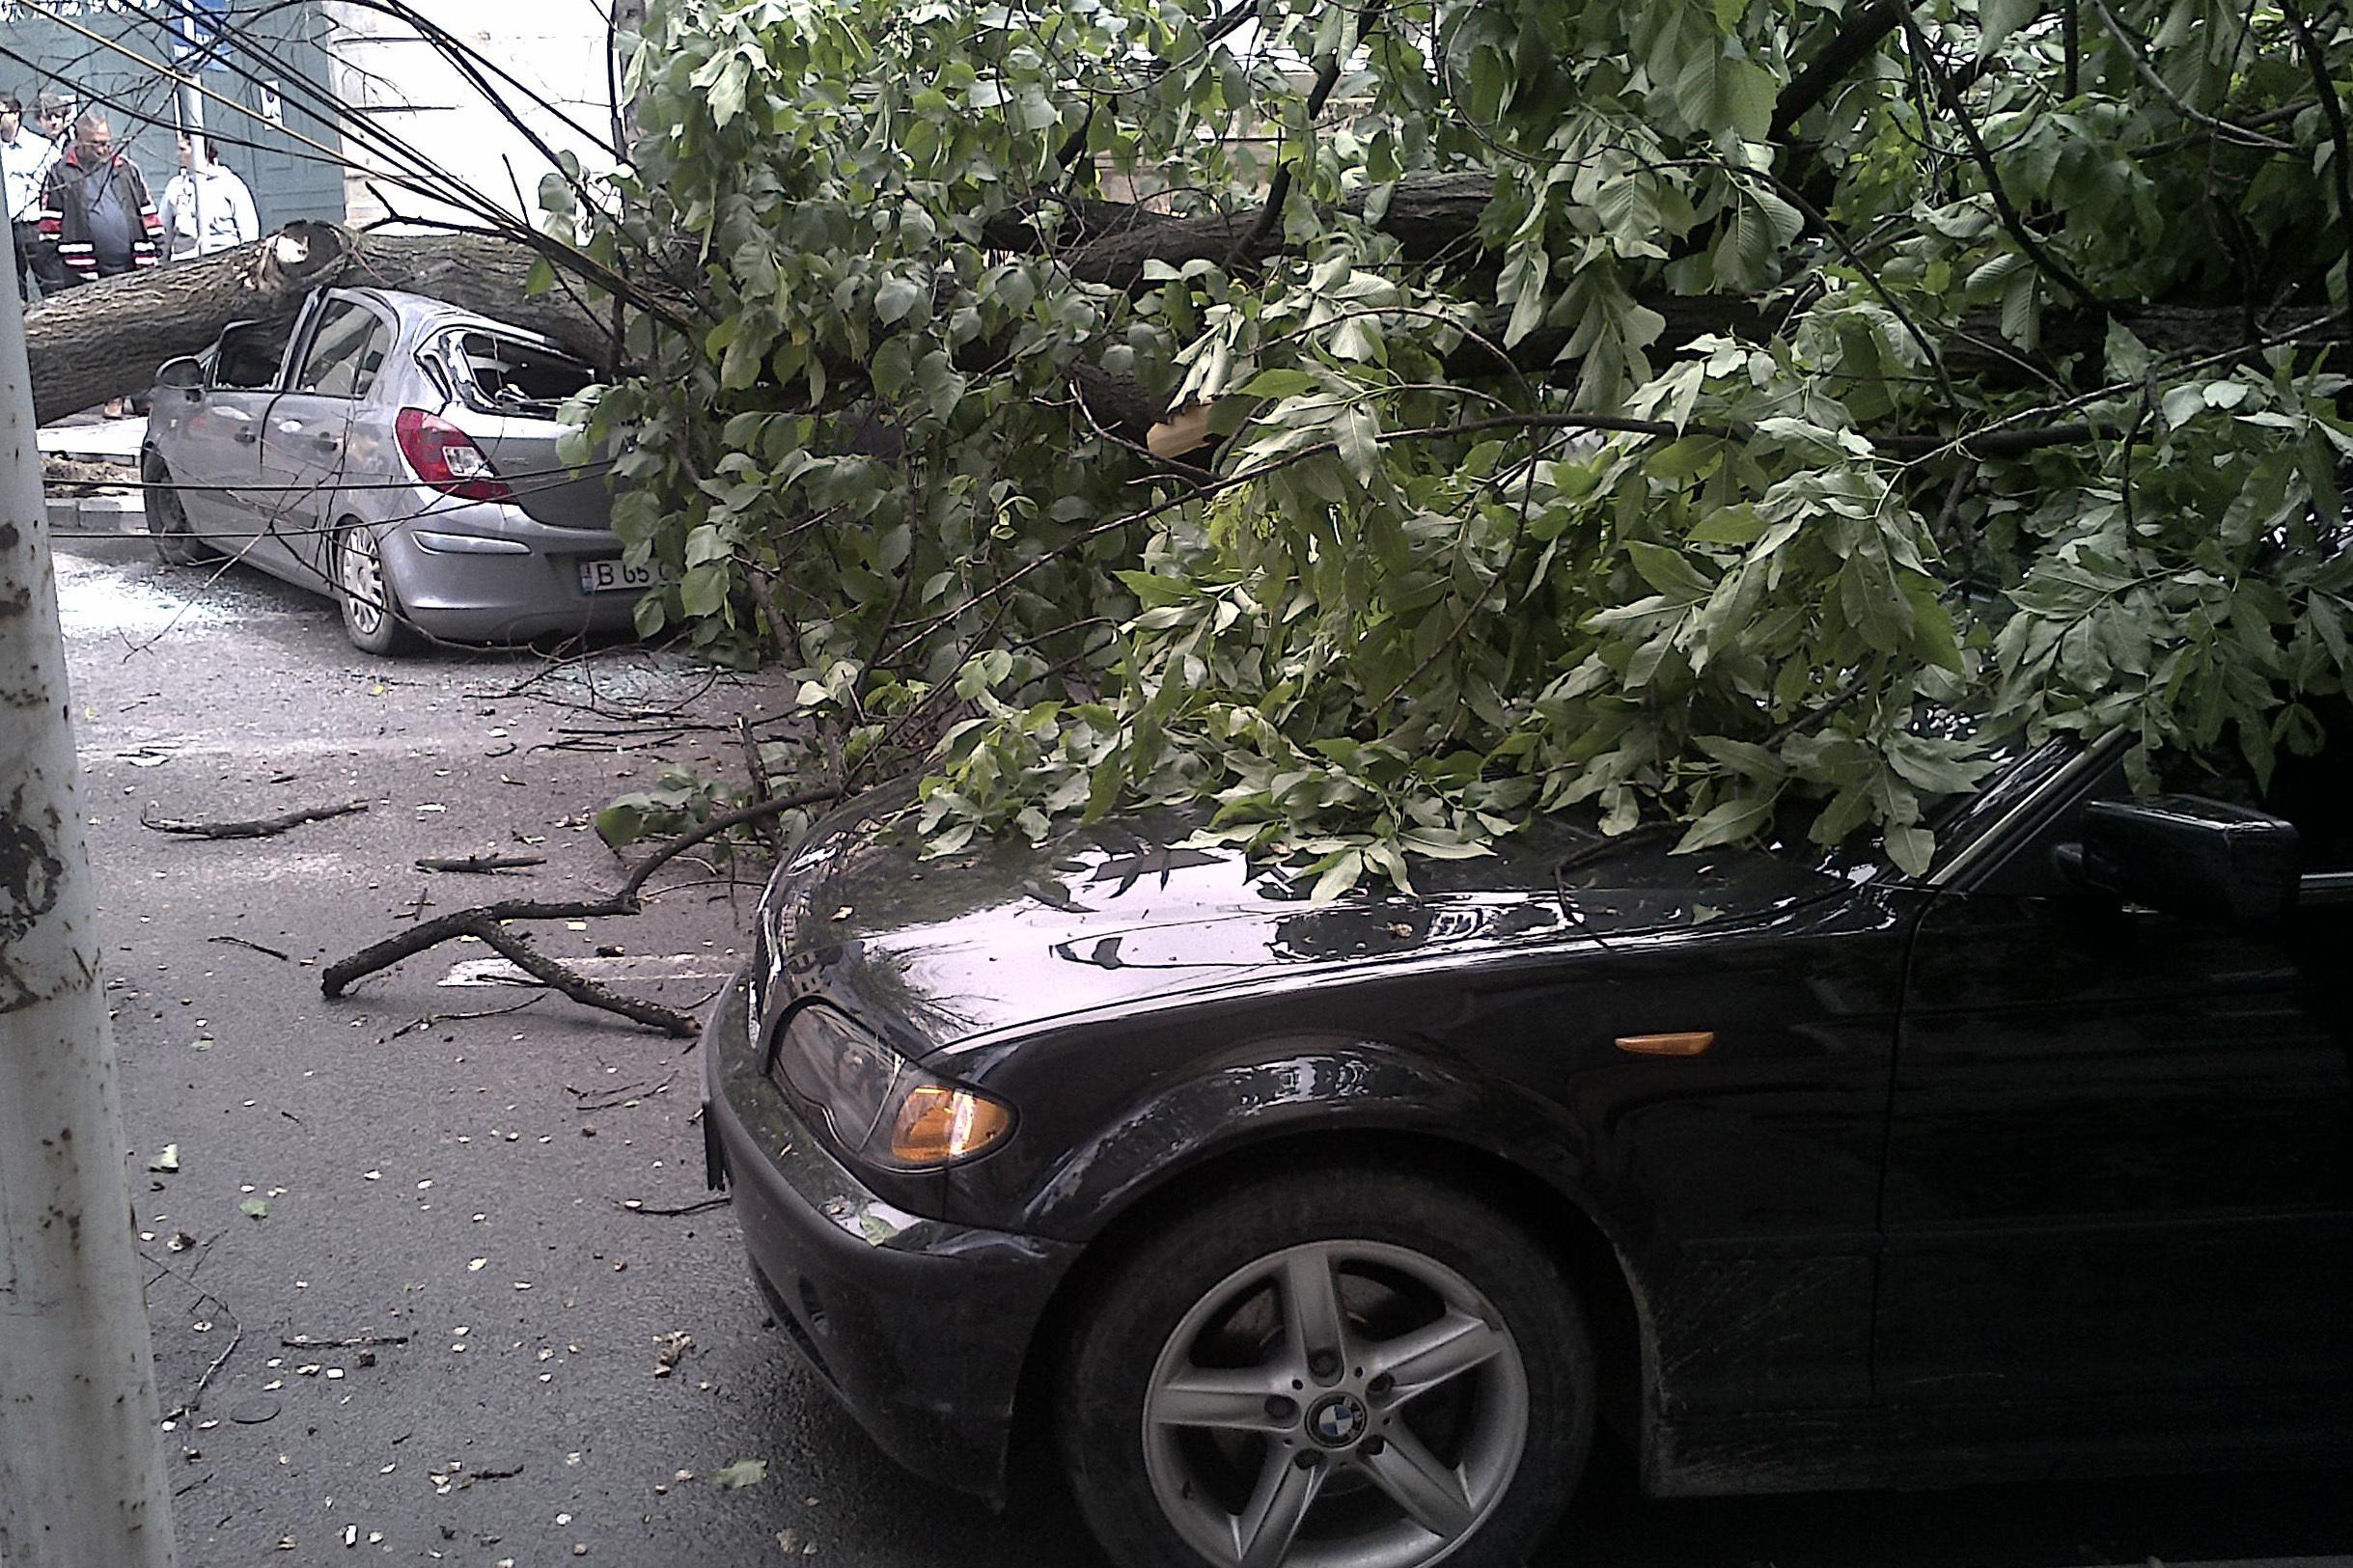 Copaci căzuţi pe carosabil, curţi inundate şi o maşină blocată în apă, după vijeliile din Bucureşti şi Ilfov